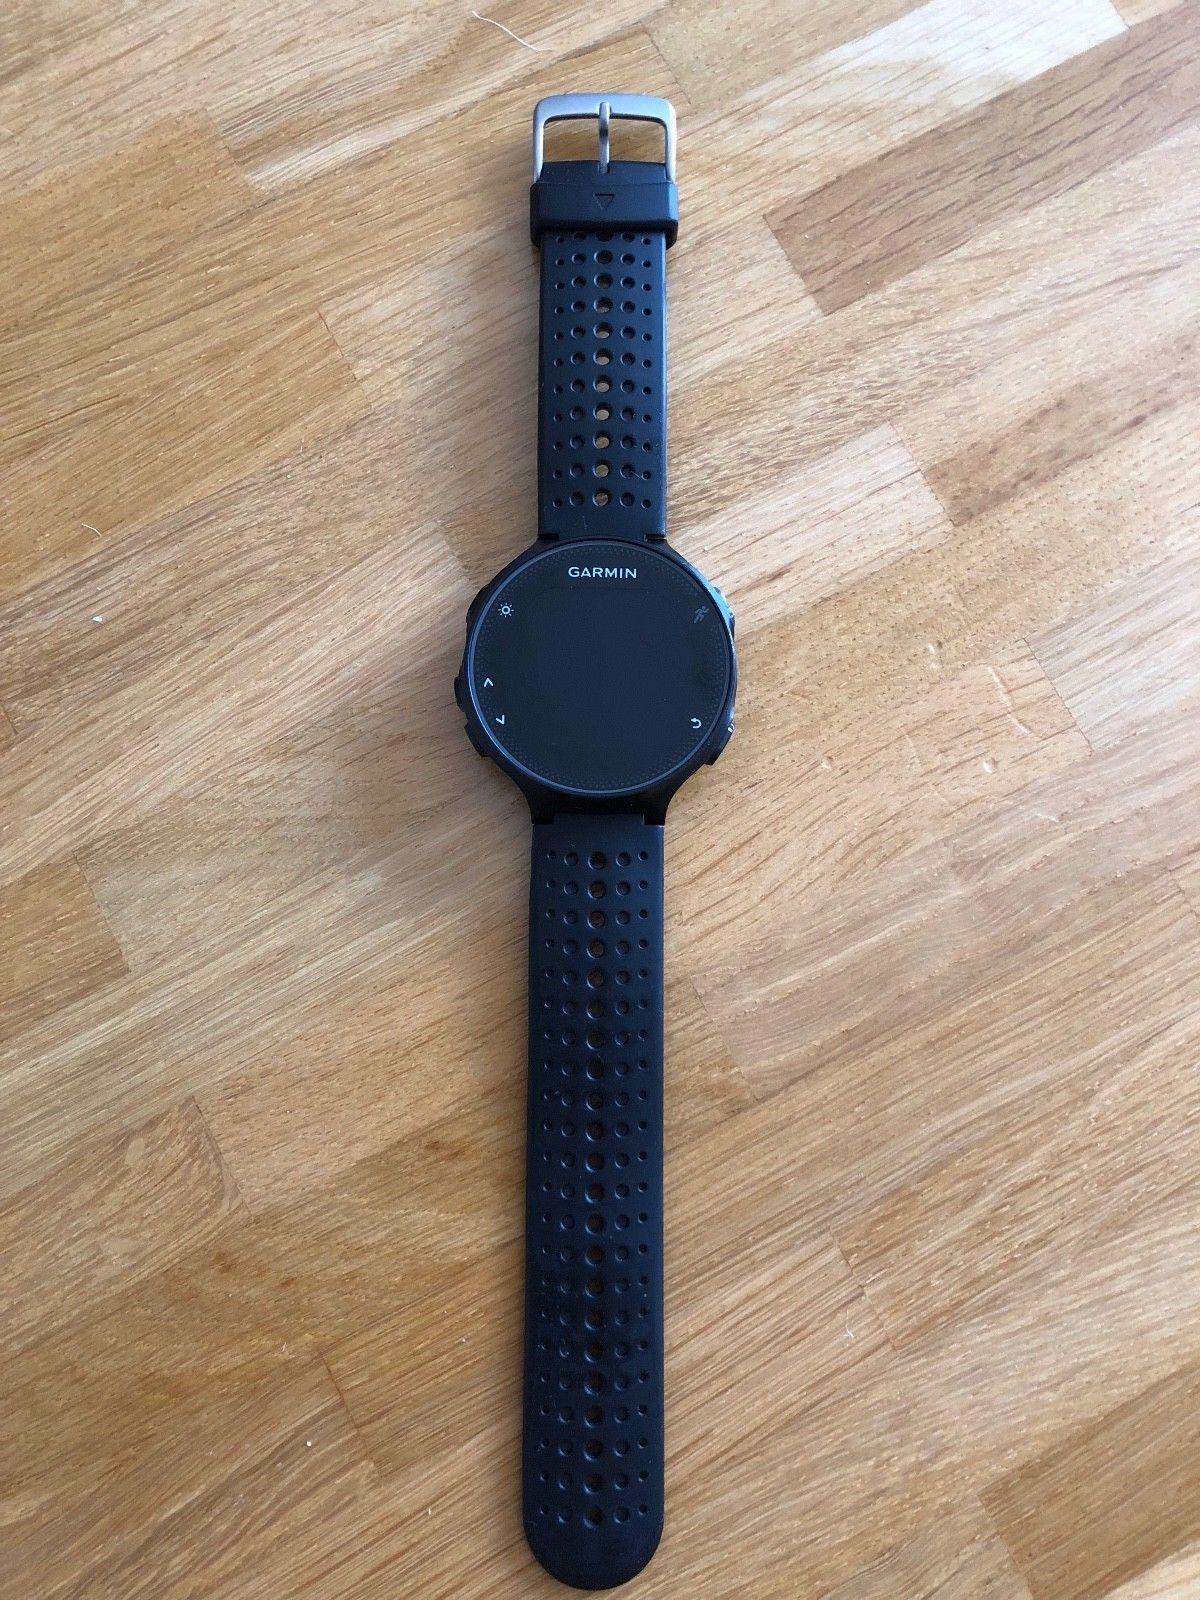 Garmin forerunner 235 - schwarz - selten genutzt